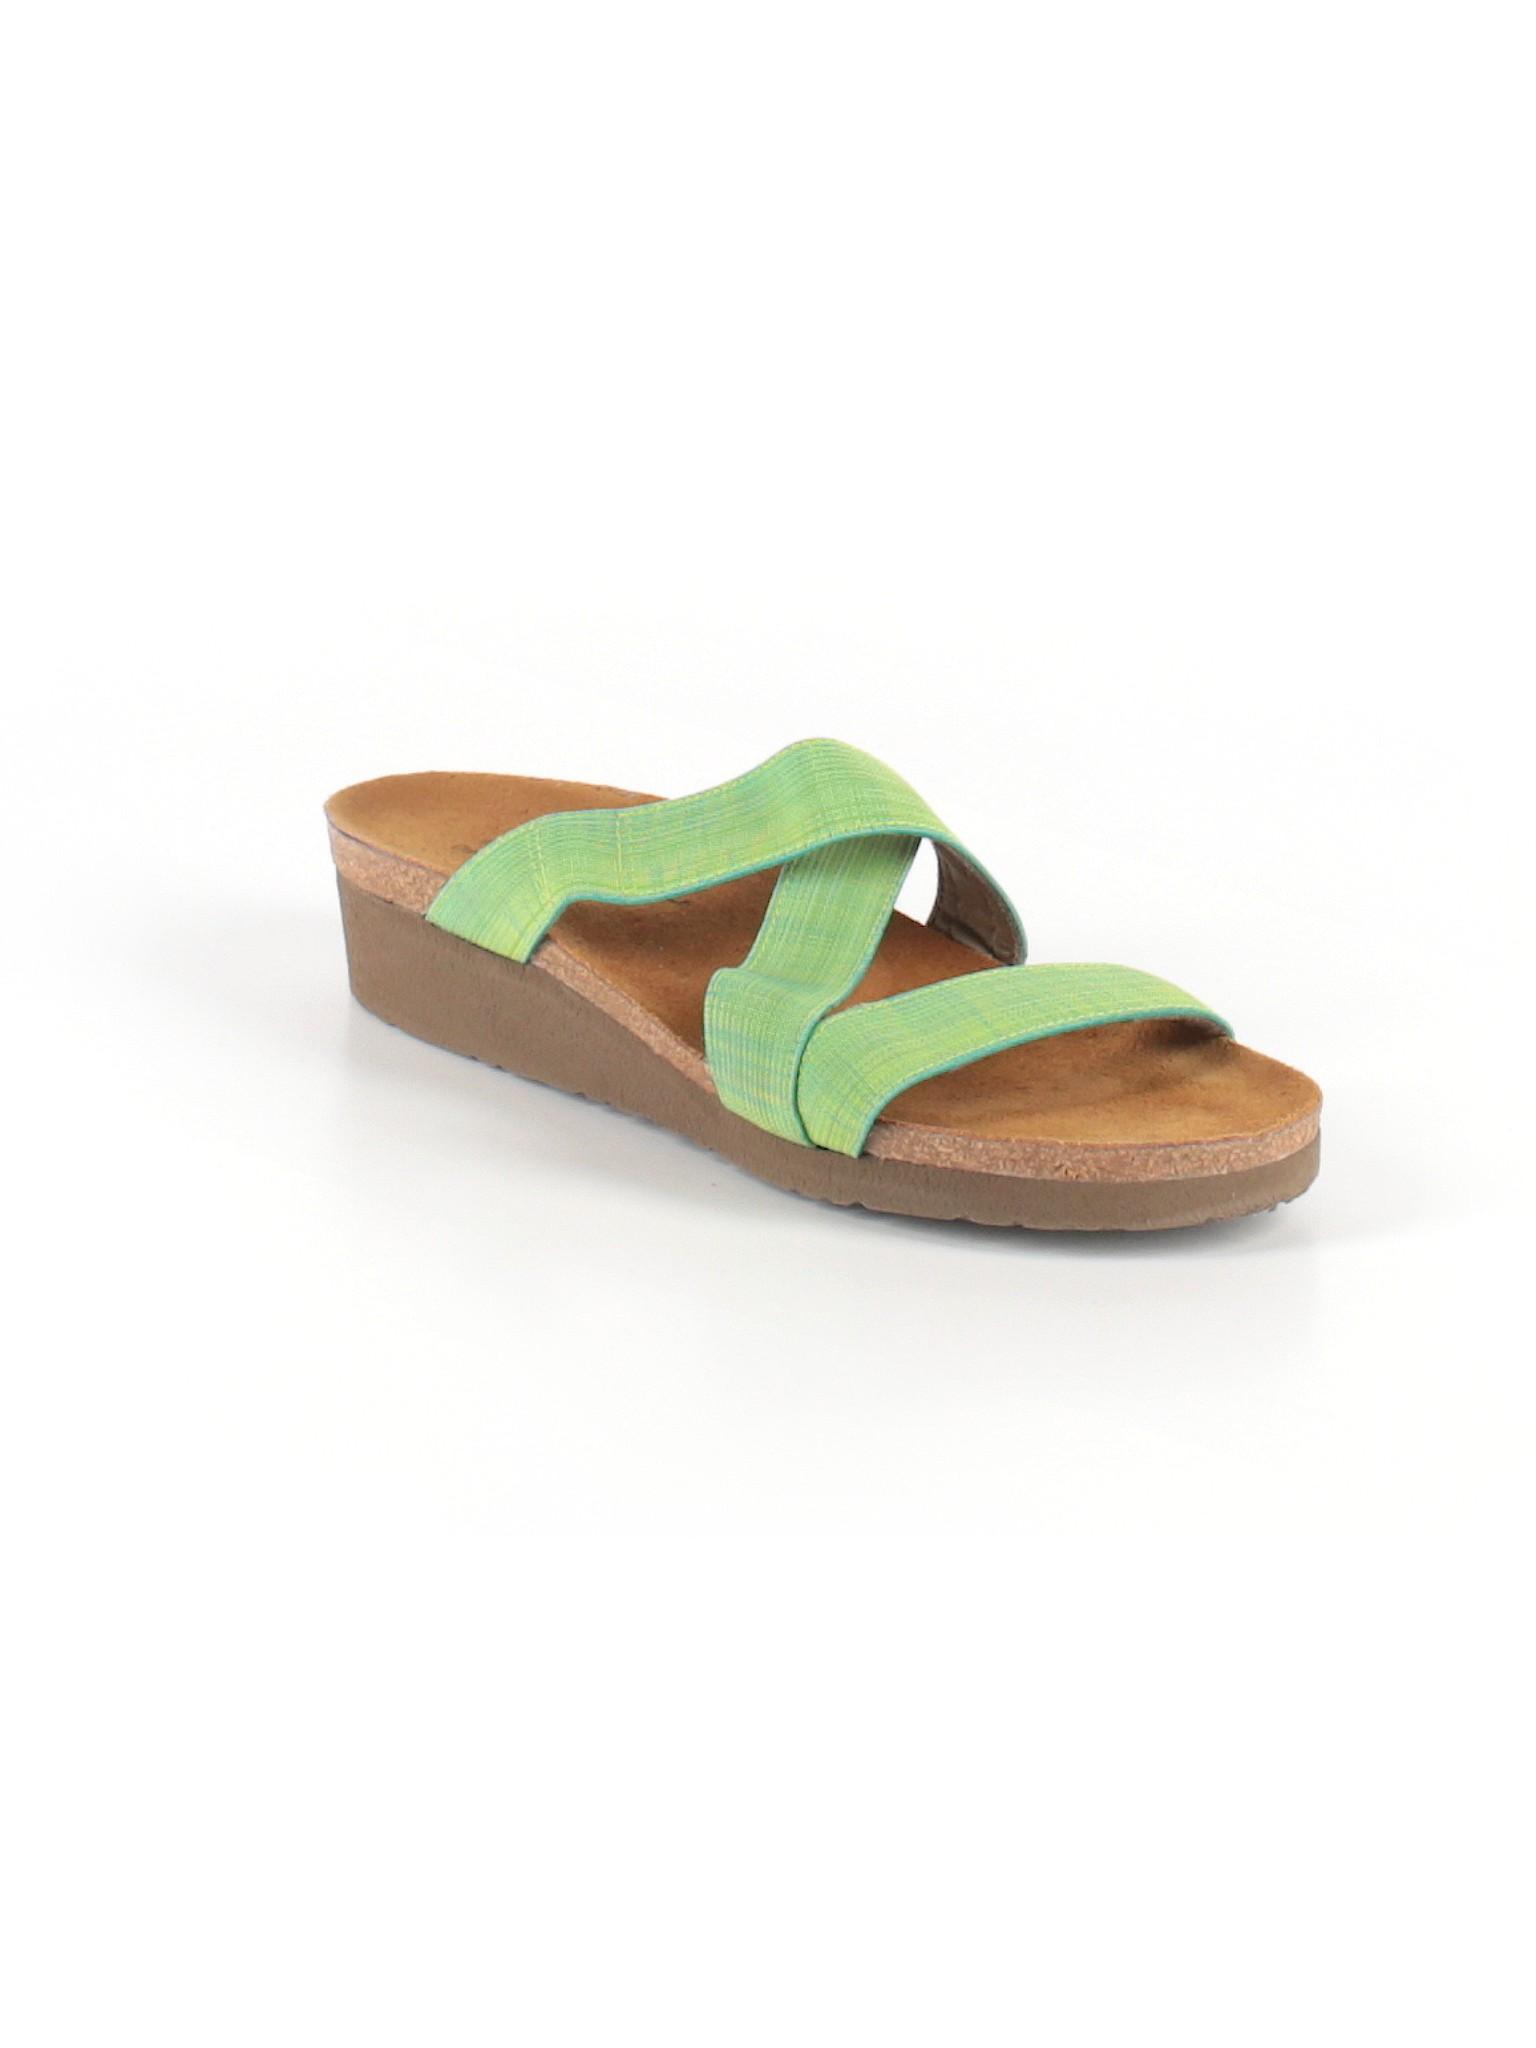 promotion Sandals Boutique Boutique Sandals Naot Boutique Naot Naot promotion promotion Sandals 8wSq7gBFS